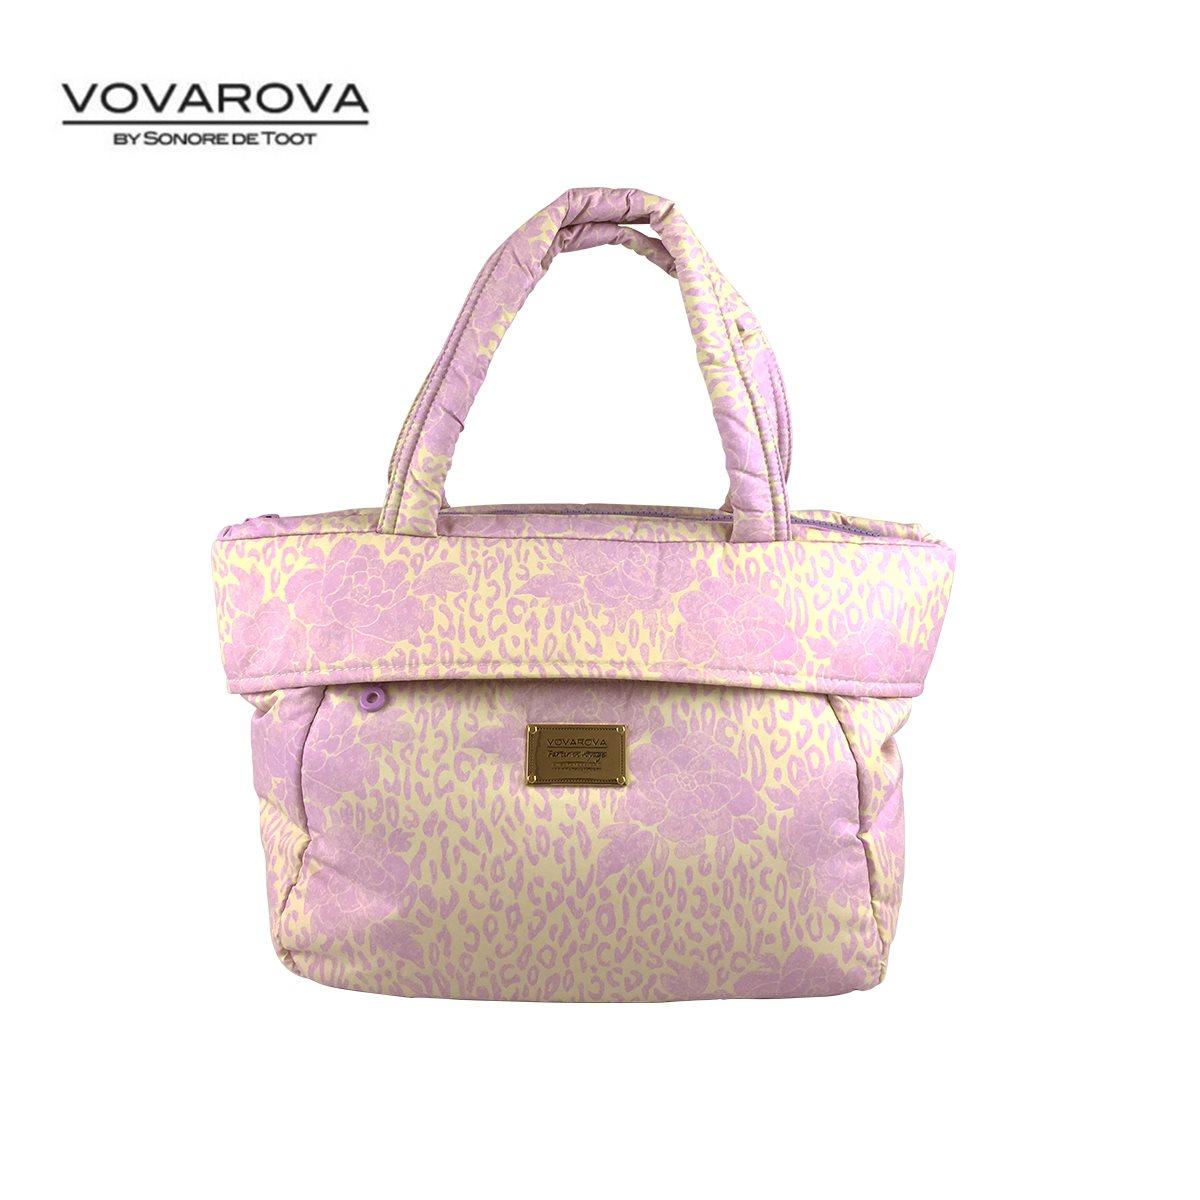 粉红色邮差包 VOVAROVA反折邮差包粉红色运动t机能背包单肩包斜挎包女士国潮包_推荐淘宝好看的粉红色邮差包